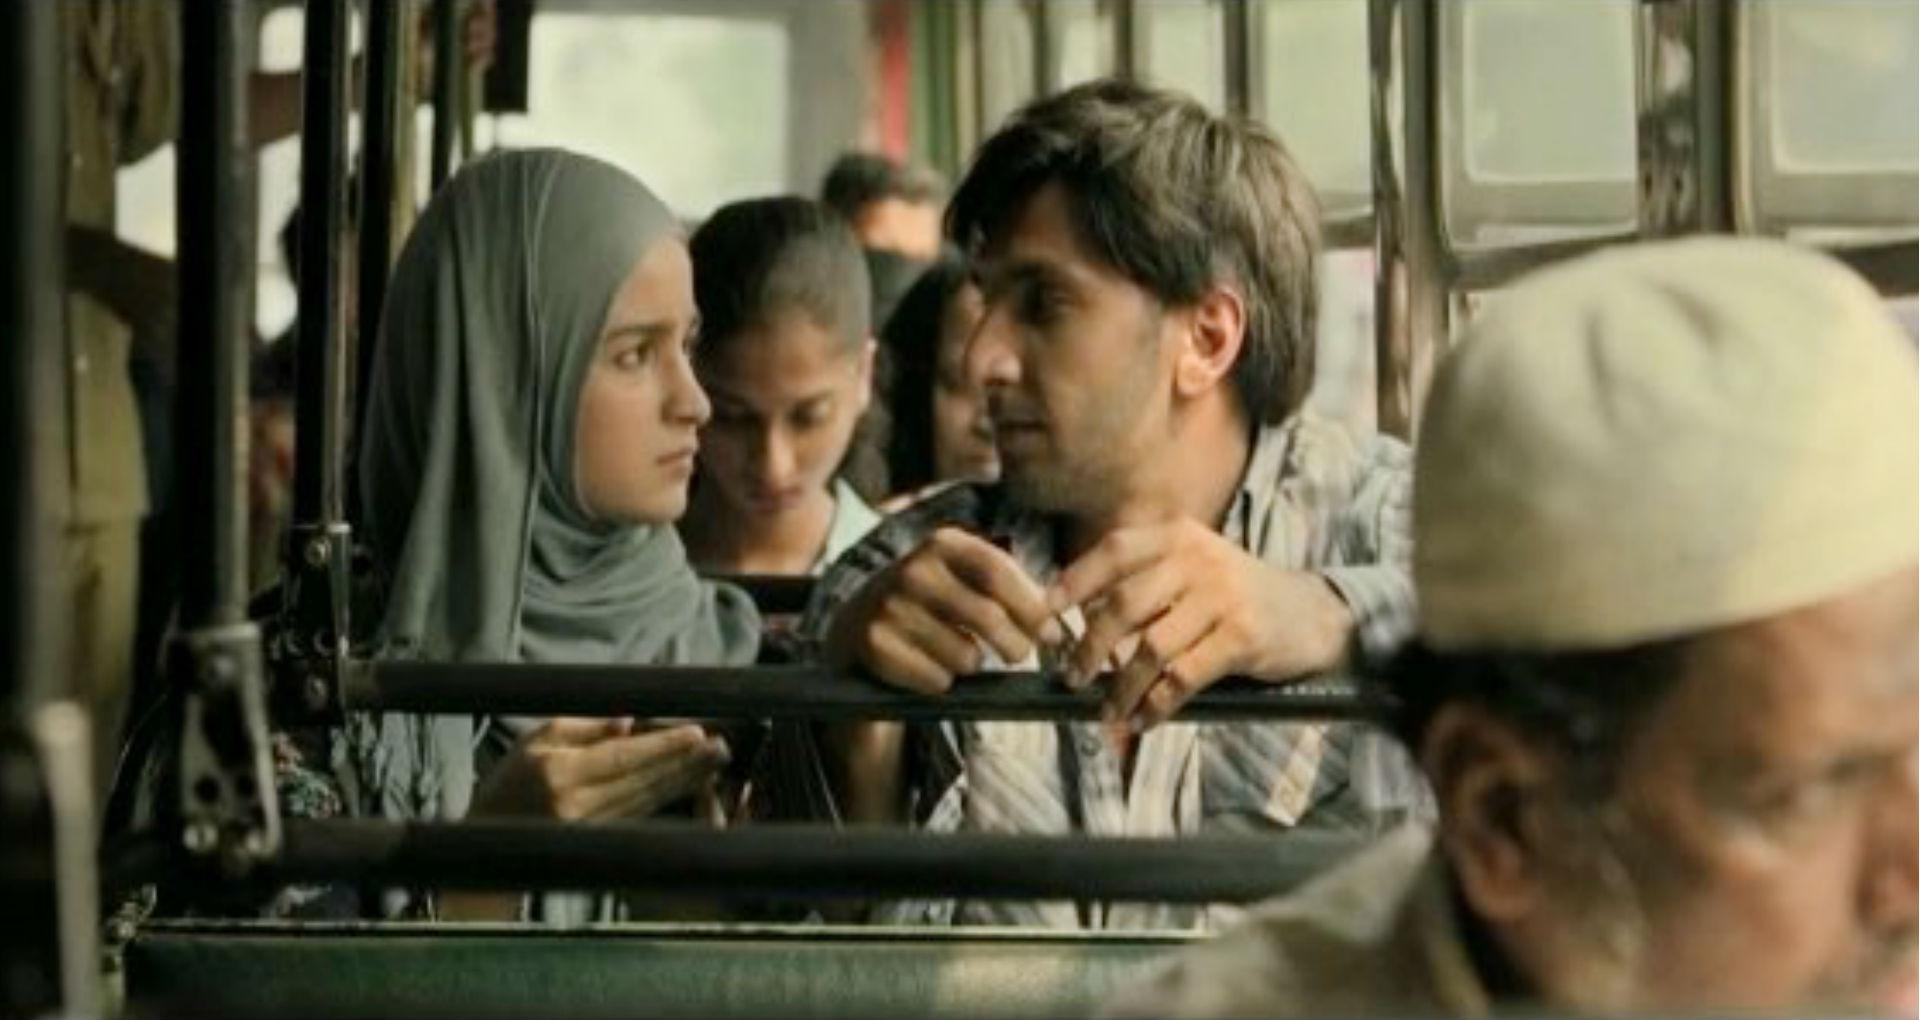 Filmfare Awards 2020: रणवीर सिंह और आलिया भट्ट की फिल्म 'गली बॉय' को मिली है इतनी ट्रॉफी, देखिये पूरी लिस्ट